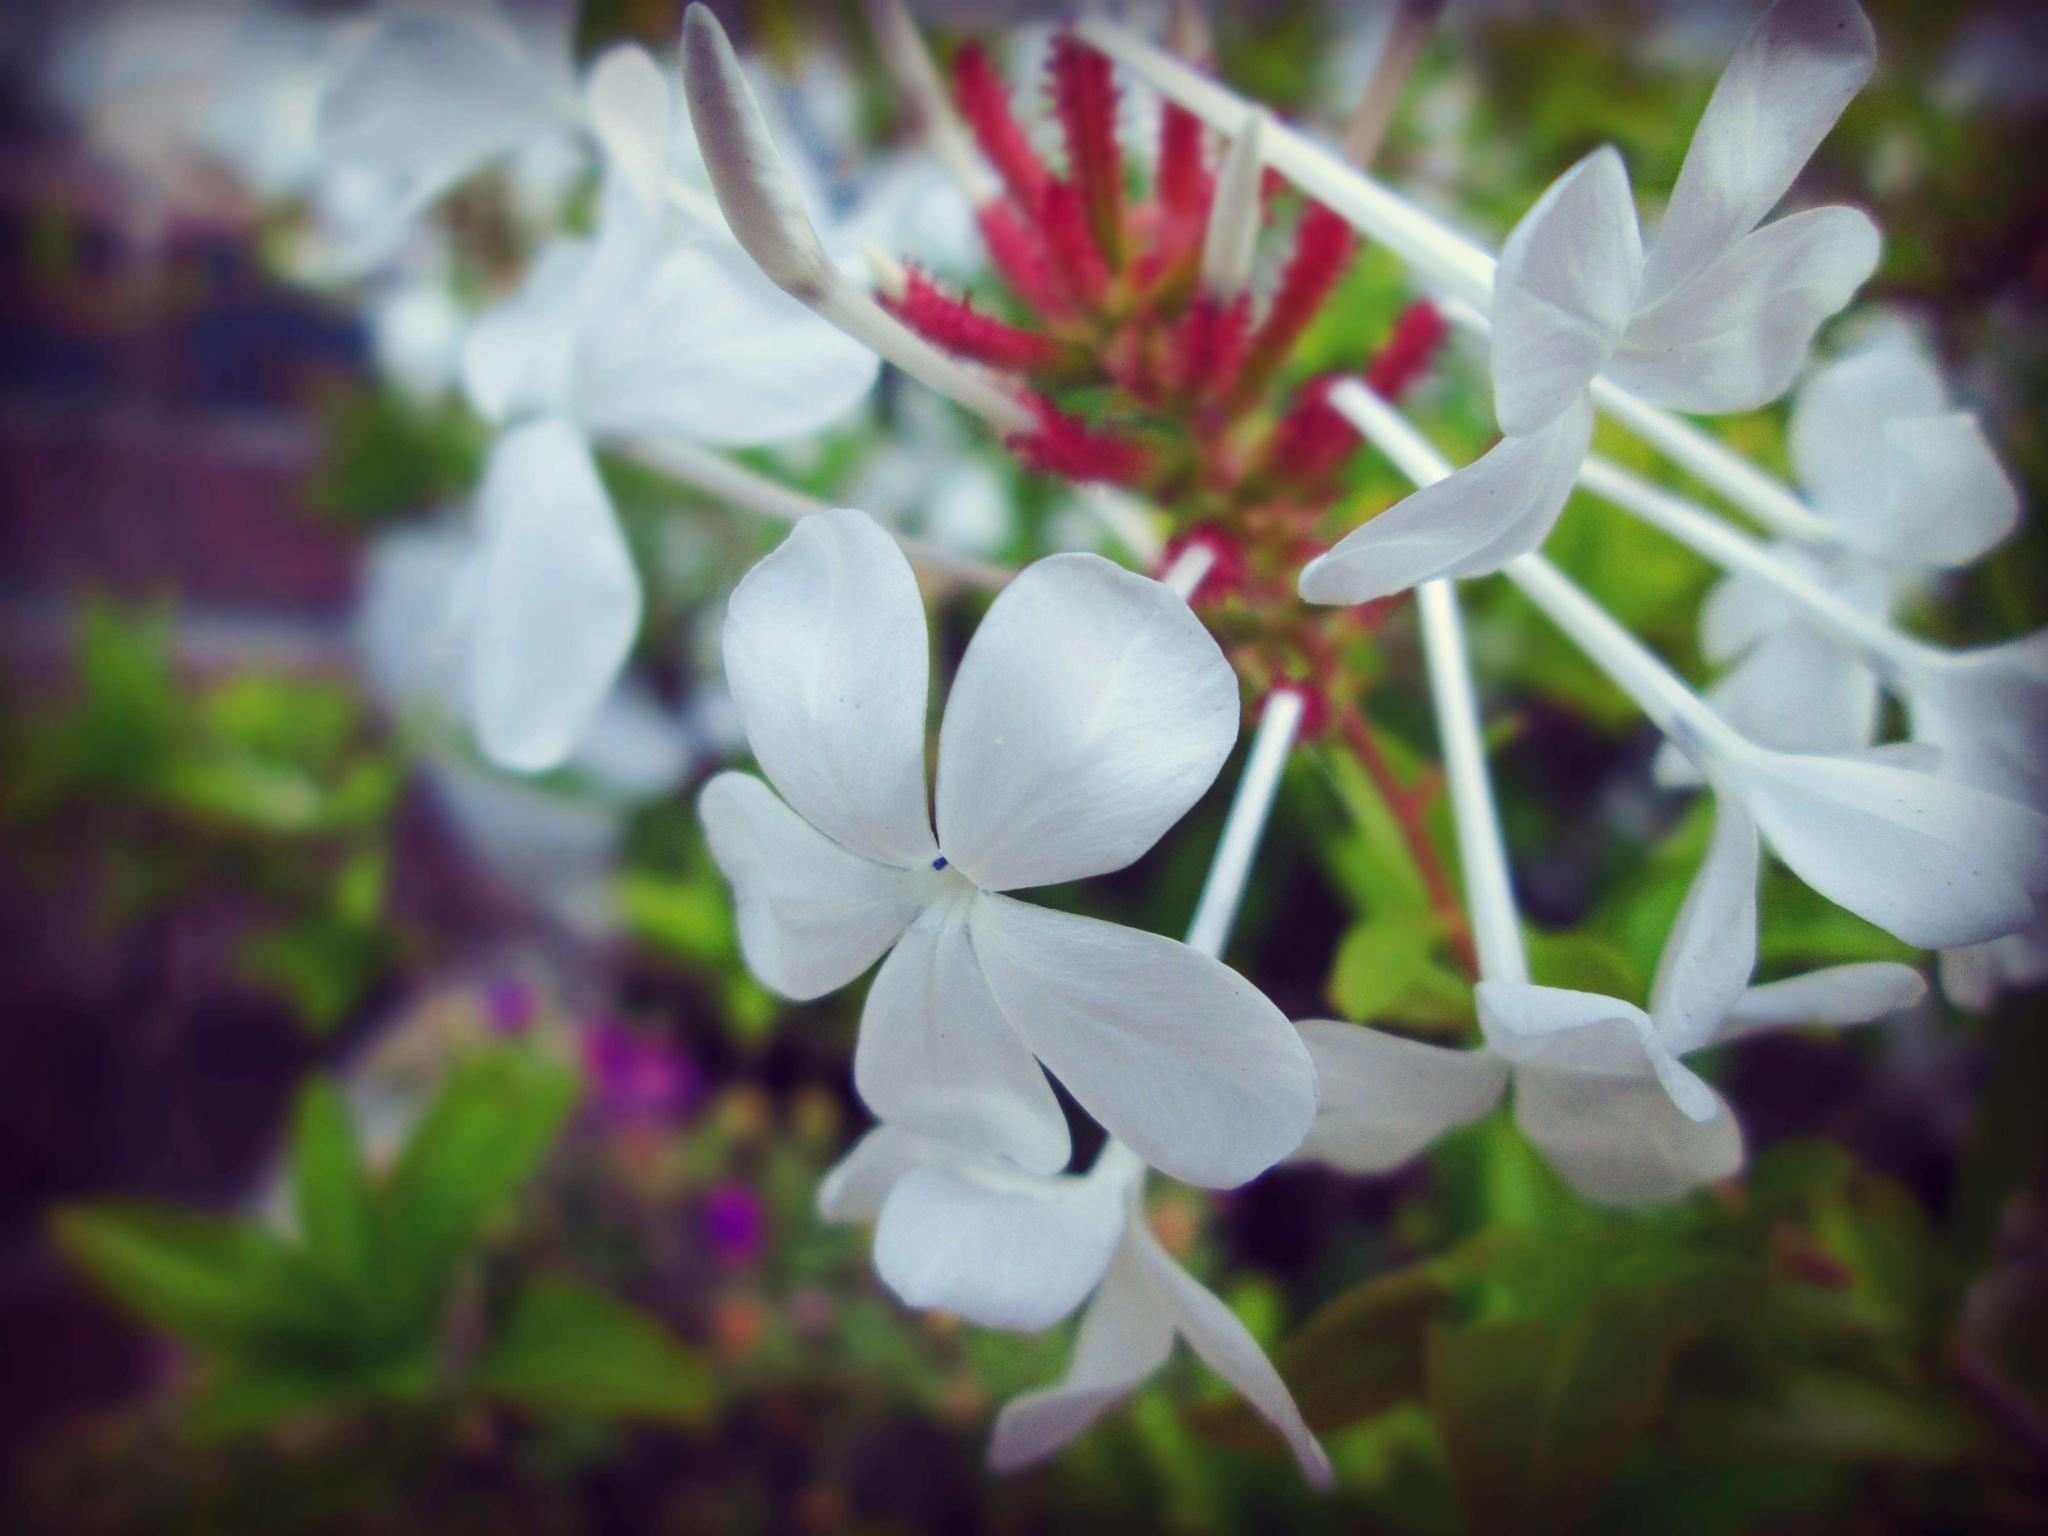 Earring Flowers by Kate Blake